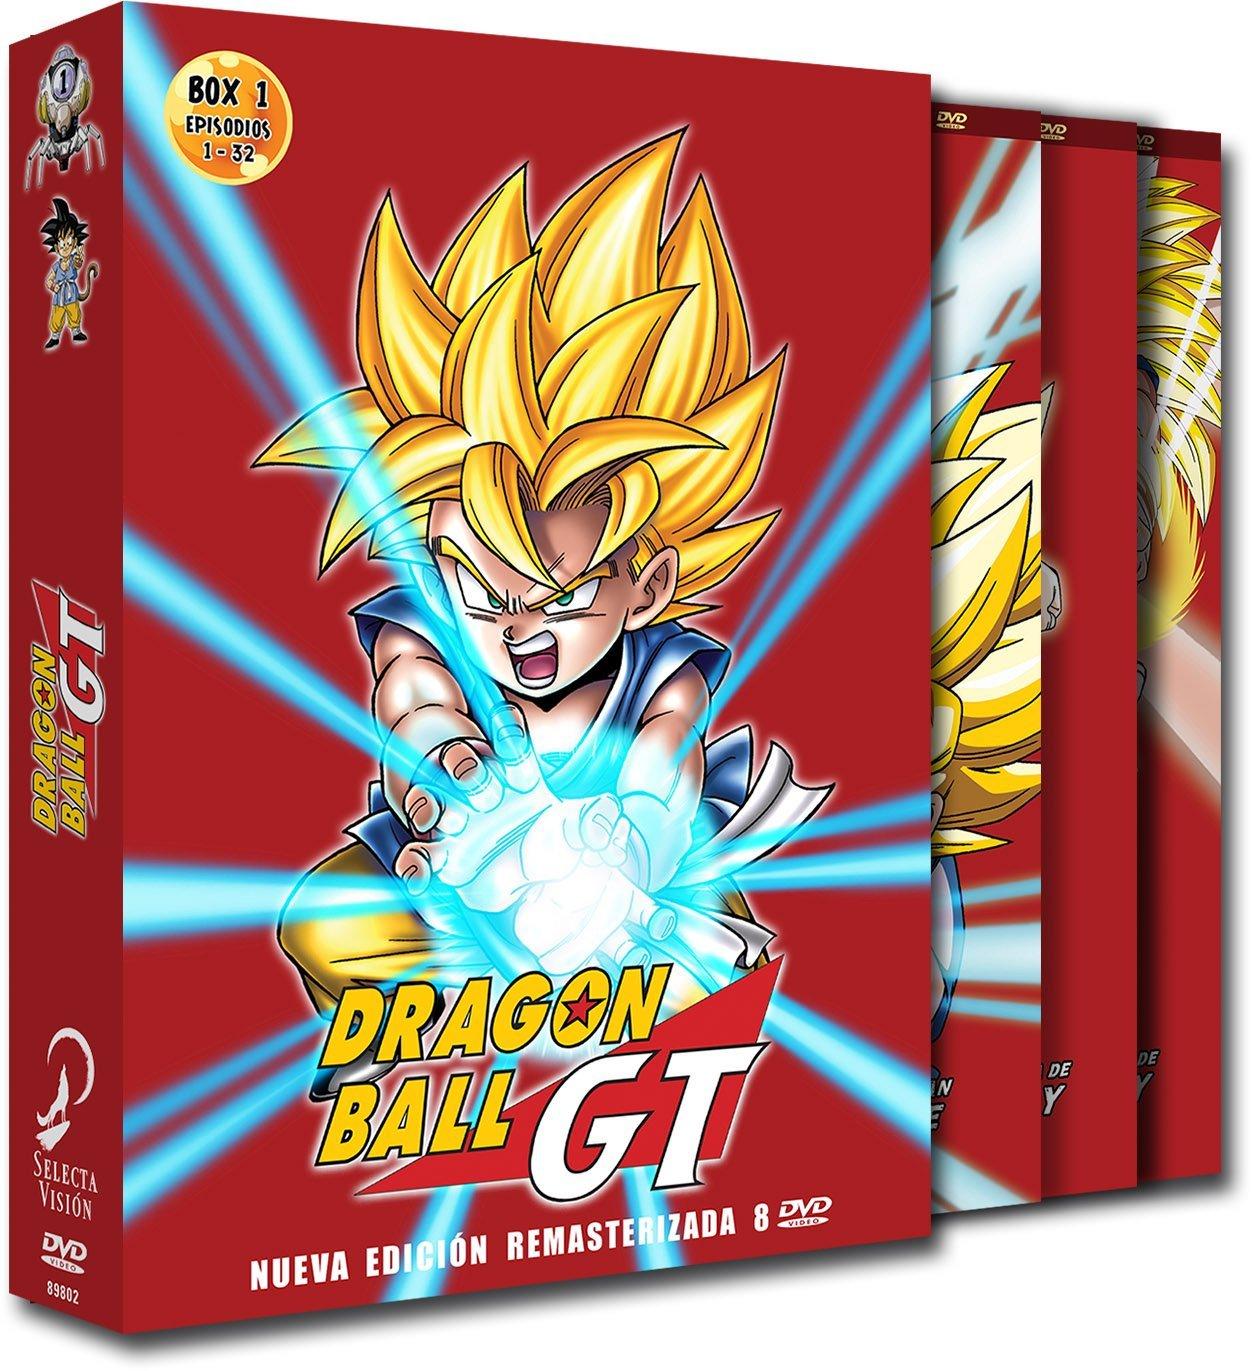 Dragon Ball GT, Box 1 (Nueva Edición)